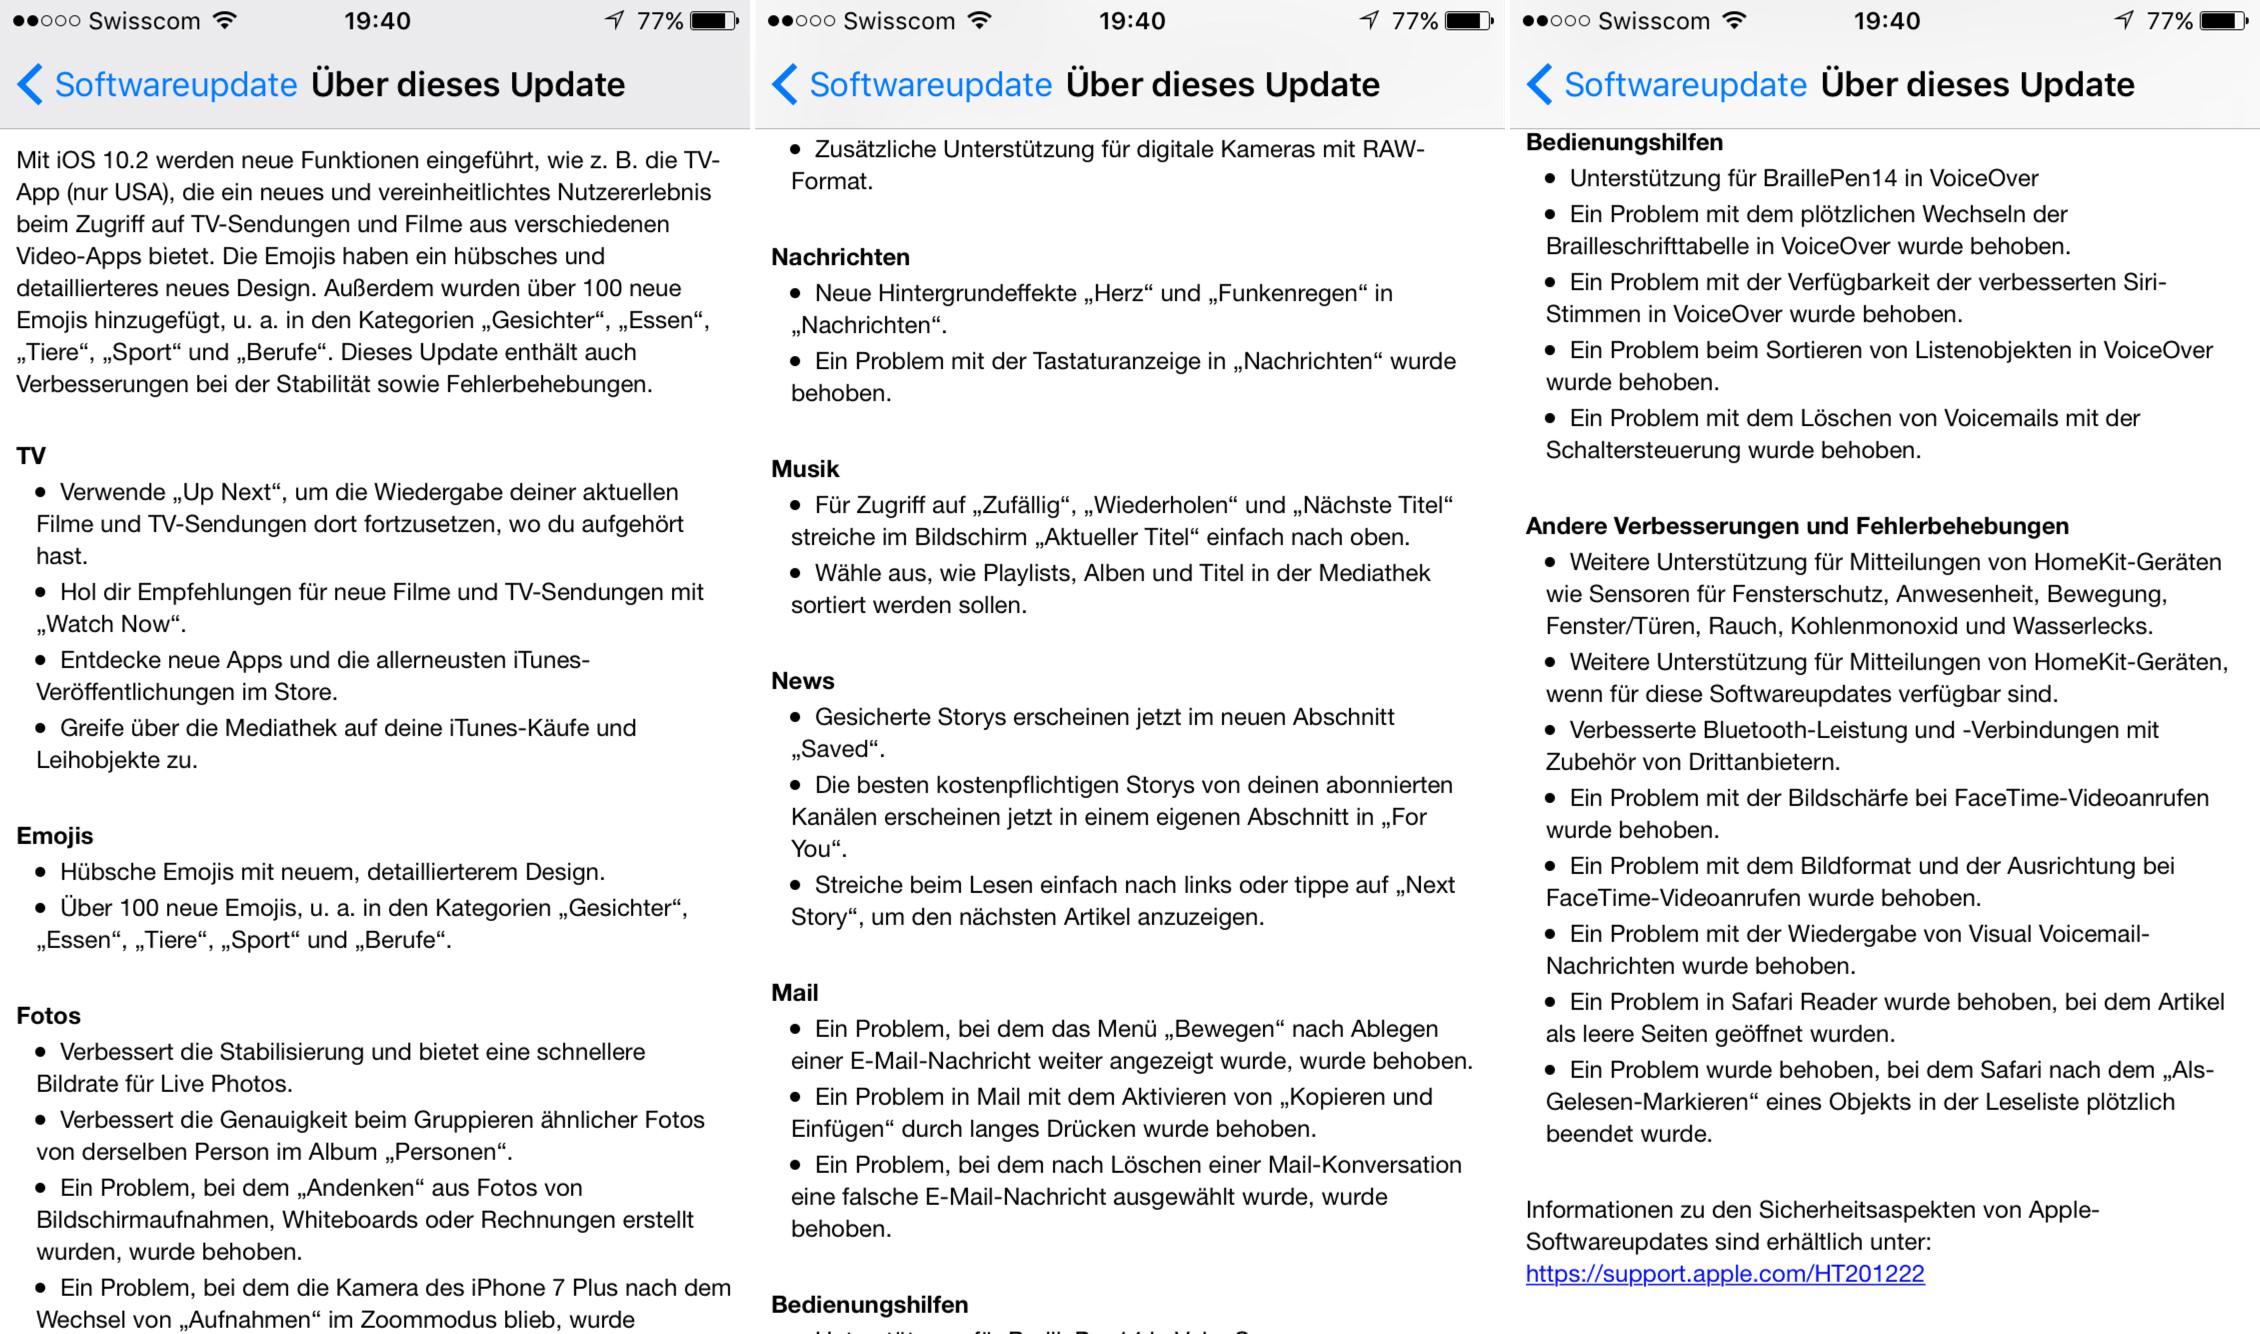 Apple veröffentlicht iOS 10.2 für iPhone und iPad - iFrick.ch ...